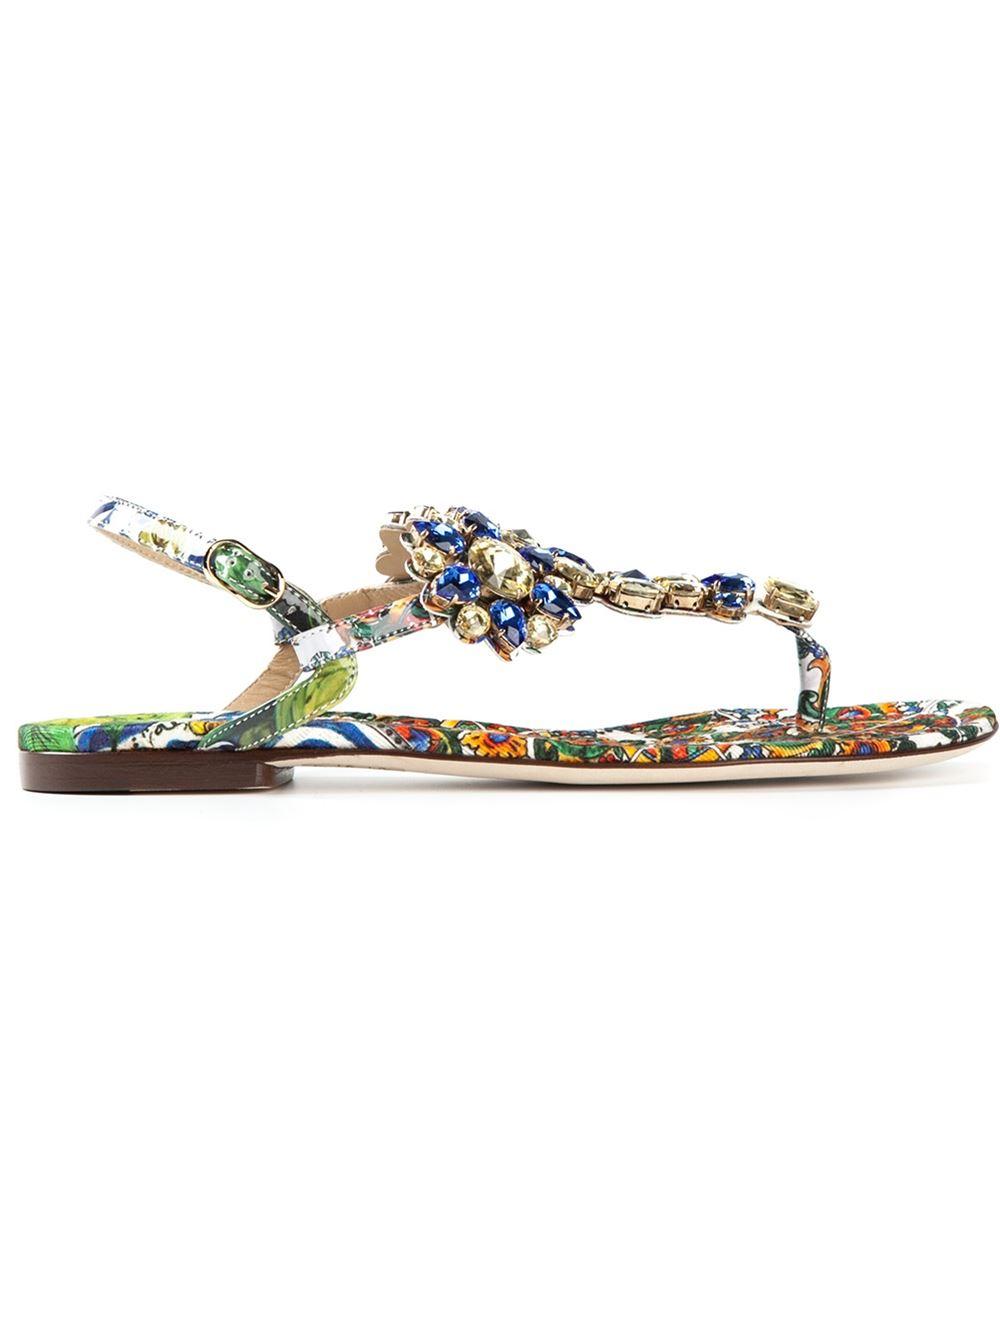 Dolce & Gabbana Thong sandals GPzZnq